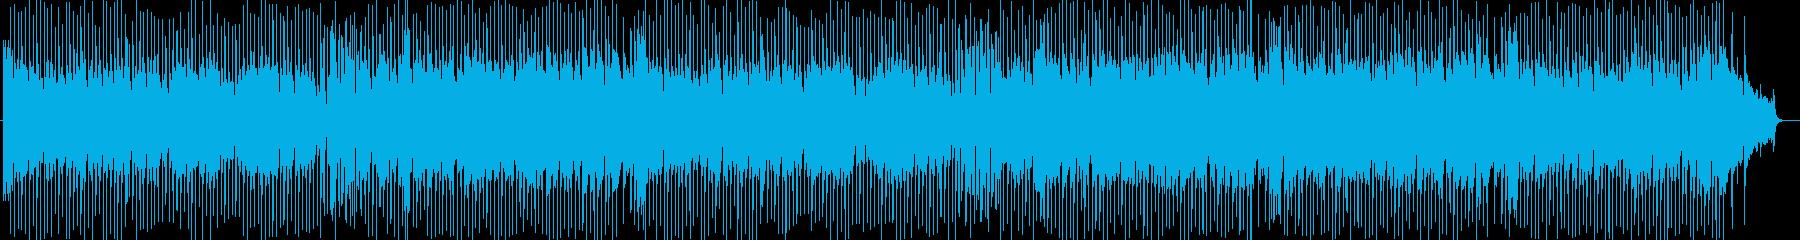 アップテンポのウキウキする曲の再生済みの波形